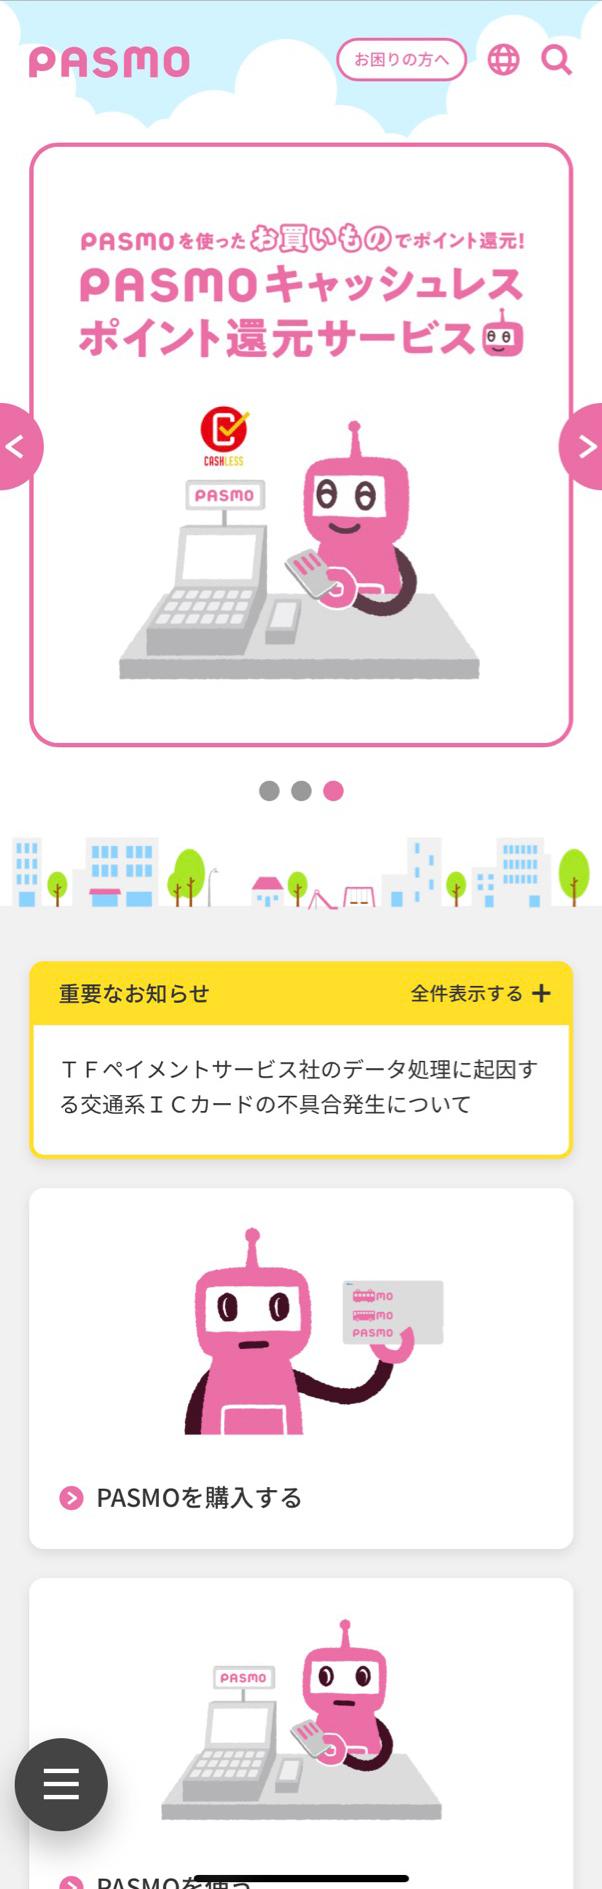 PASMOのモバイルサイト